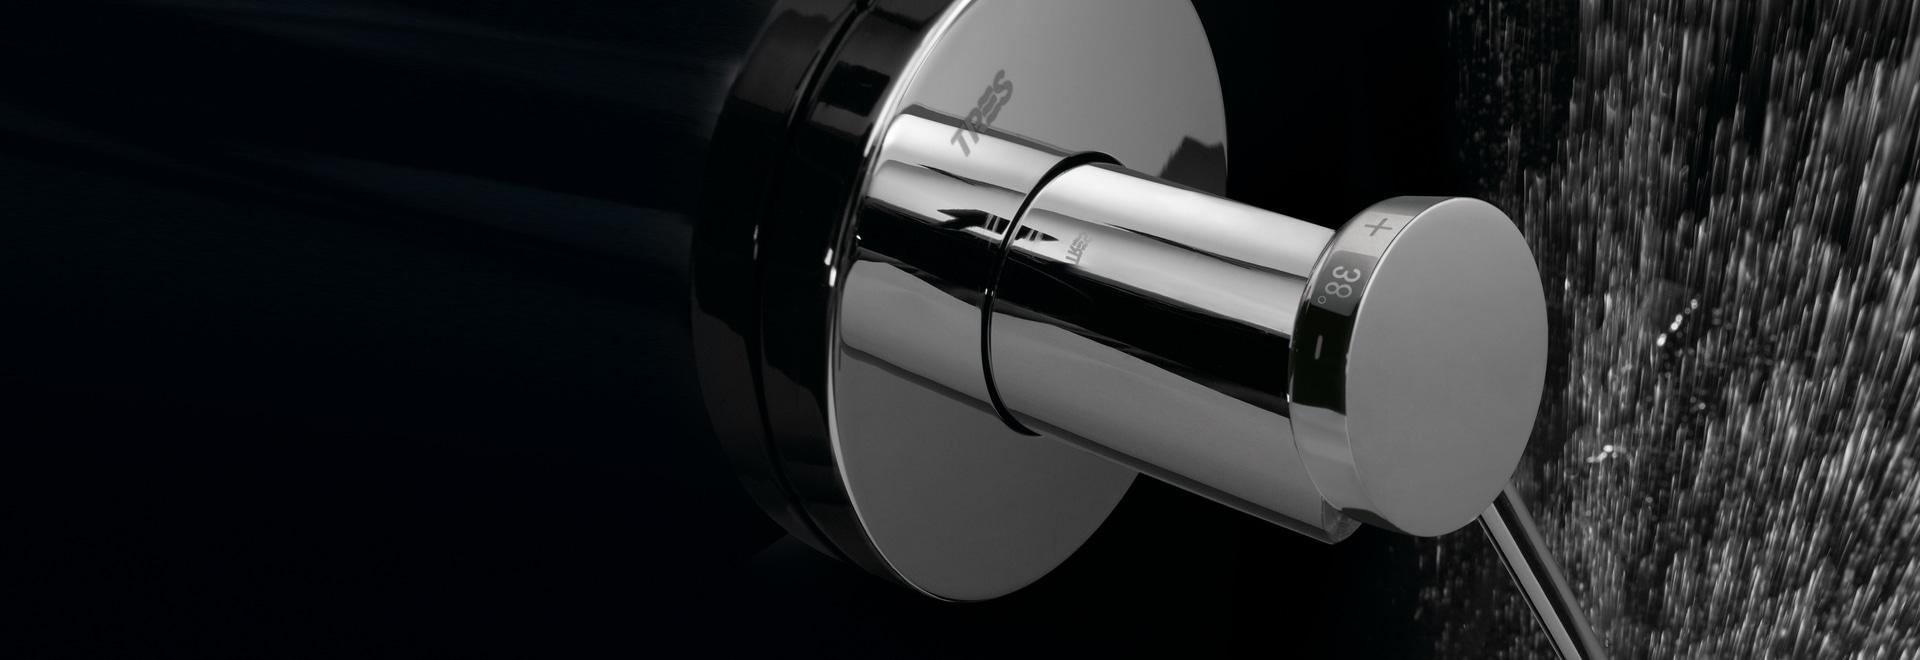 10 connaître vous del faut del qu'il di avantages de la robinetterie MONO-TERM®